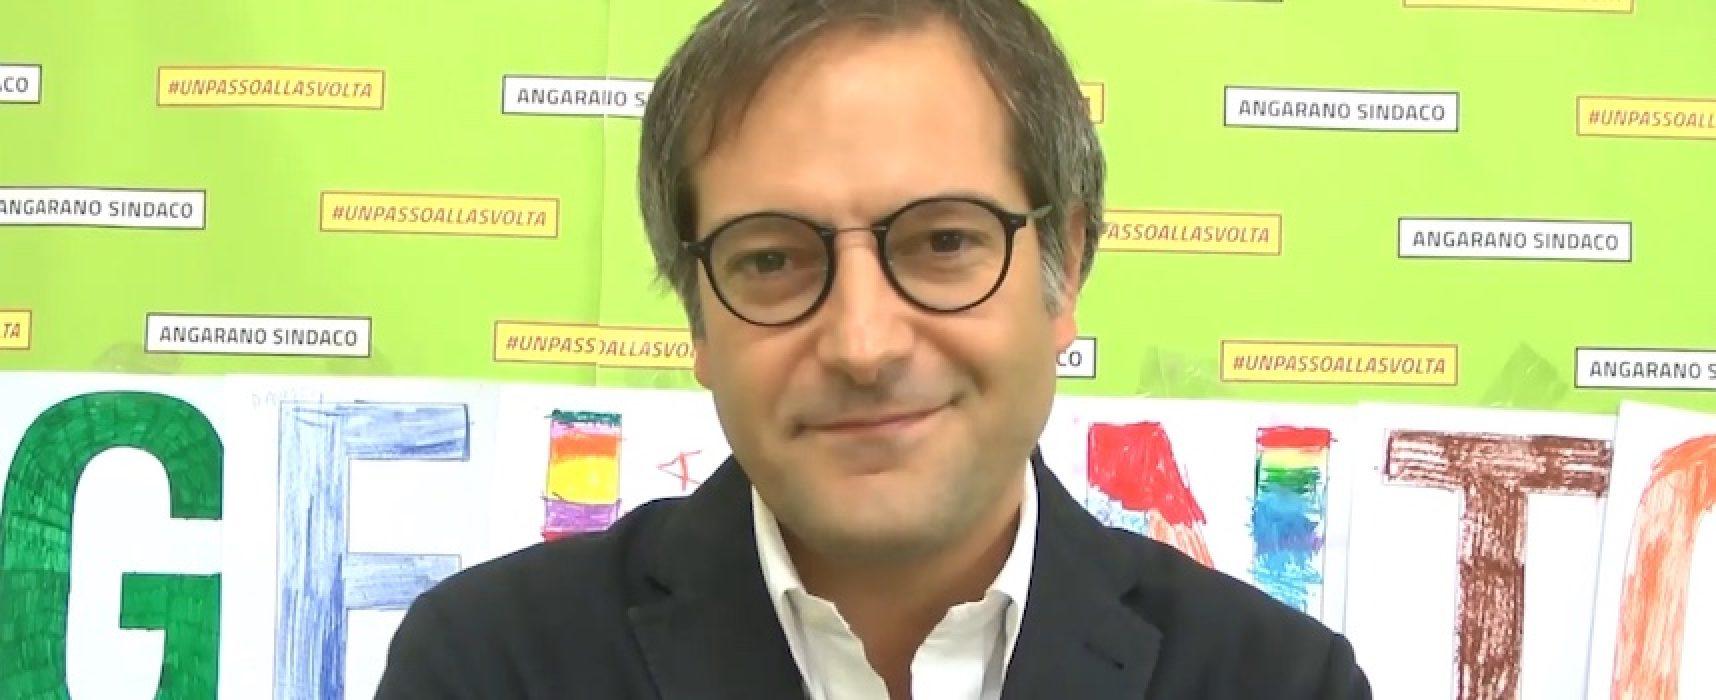 Il sindaco Angelantonio Angarano augura buon anno scolastico a studenti ed insegnanti / VIDEO